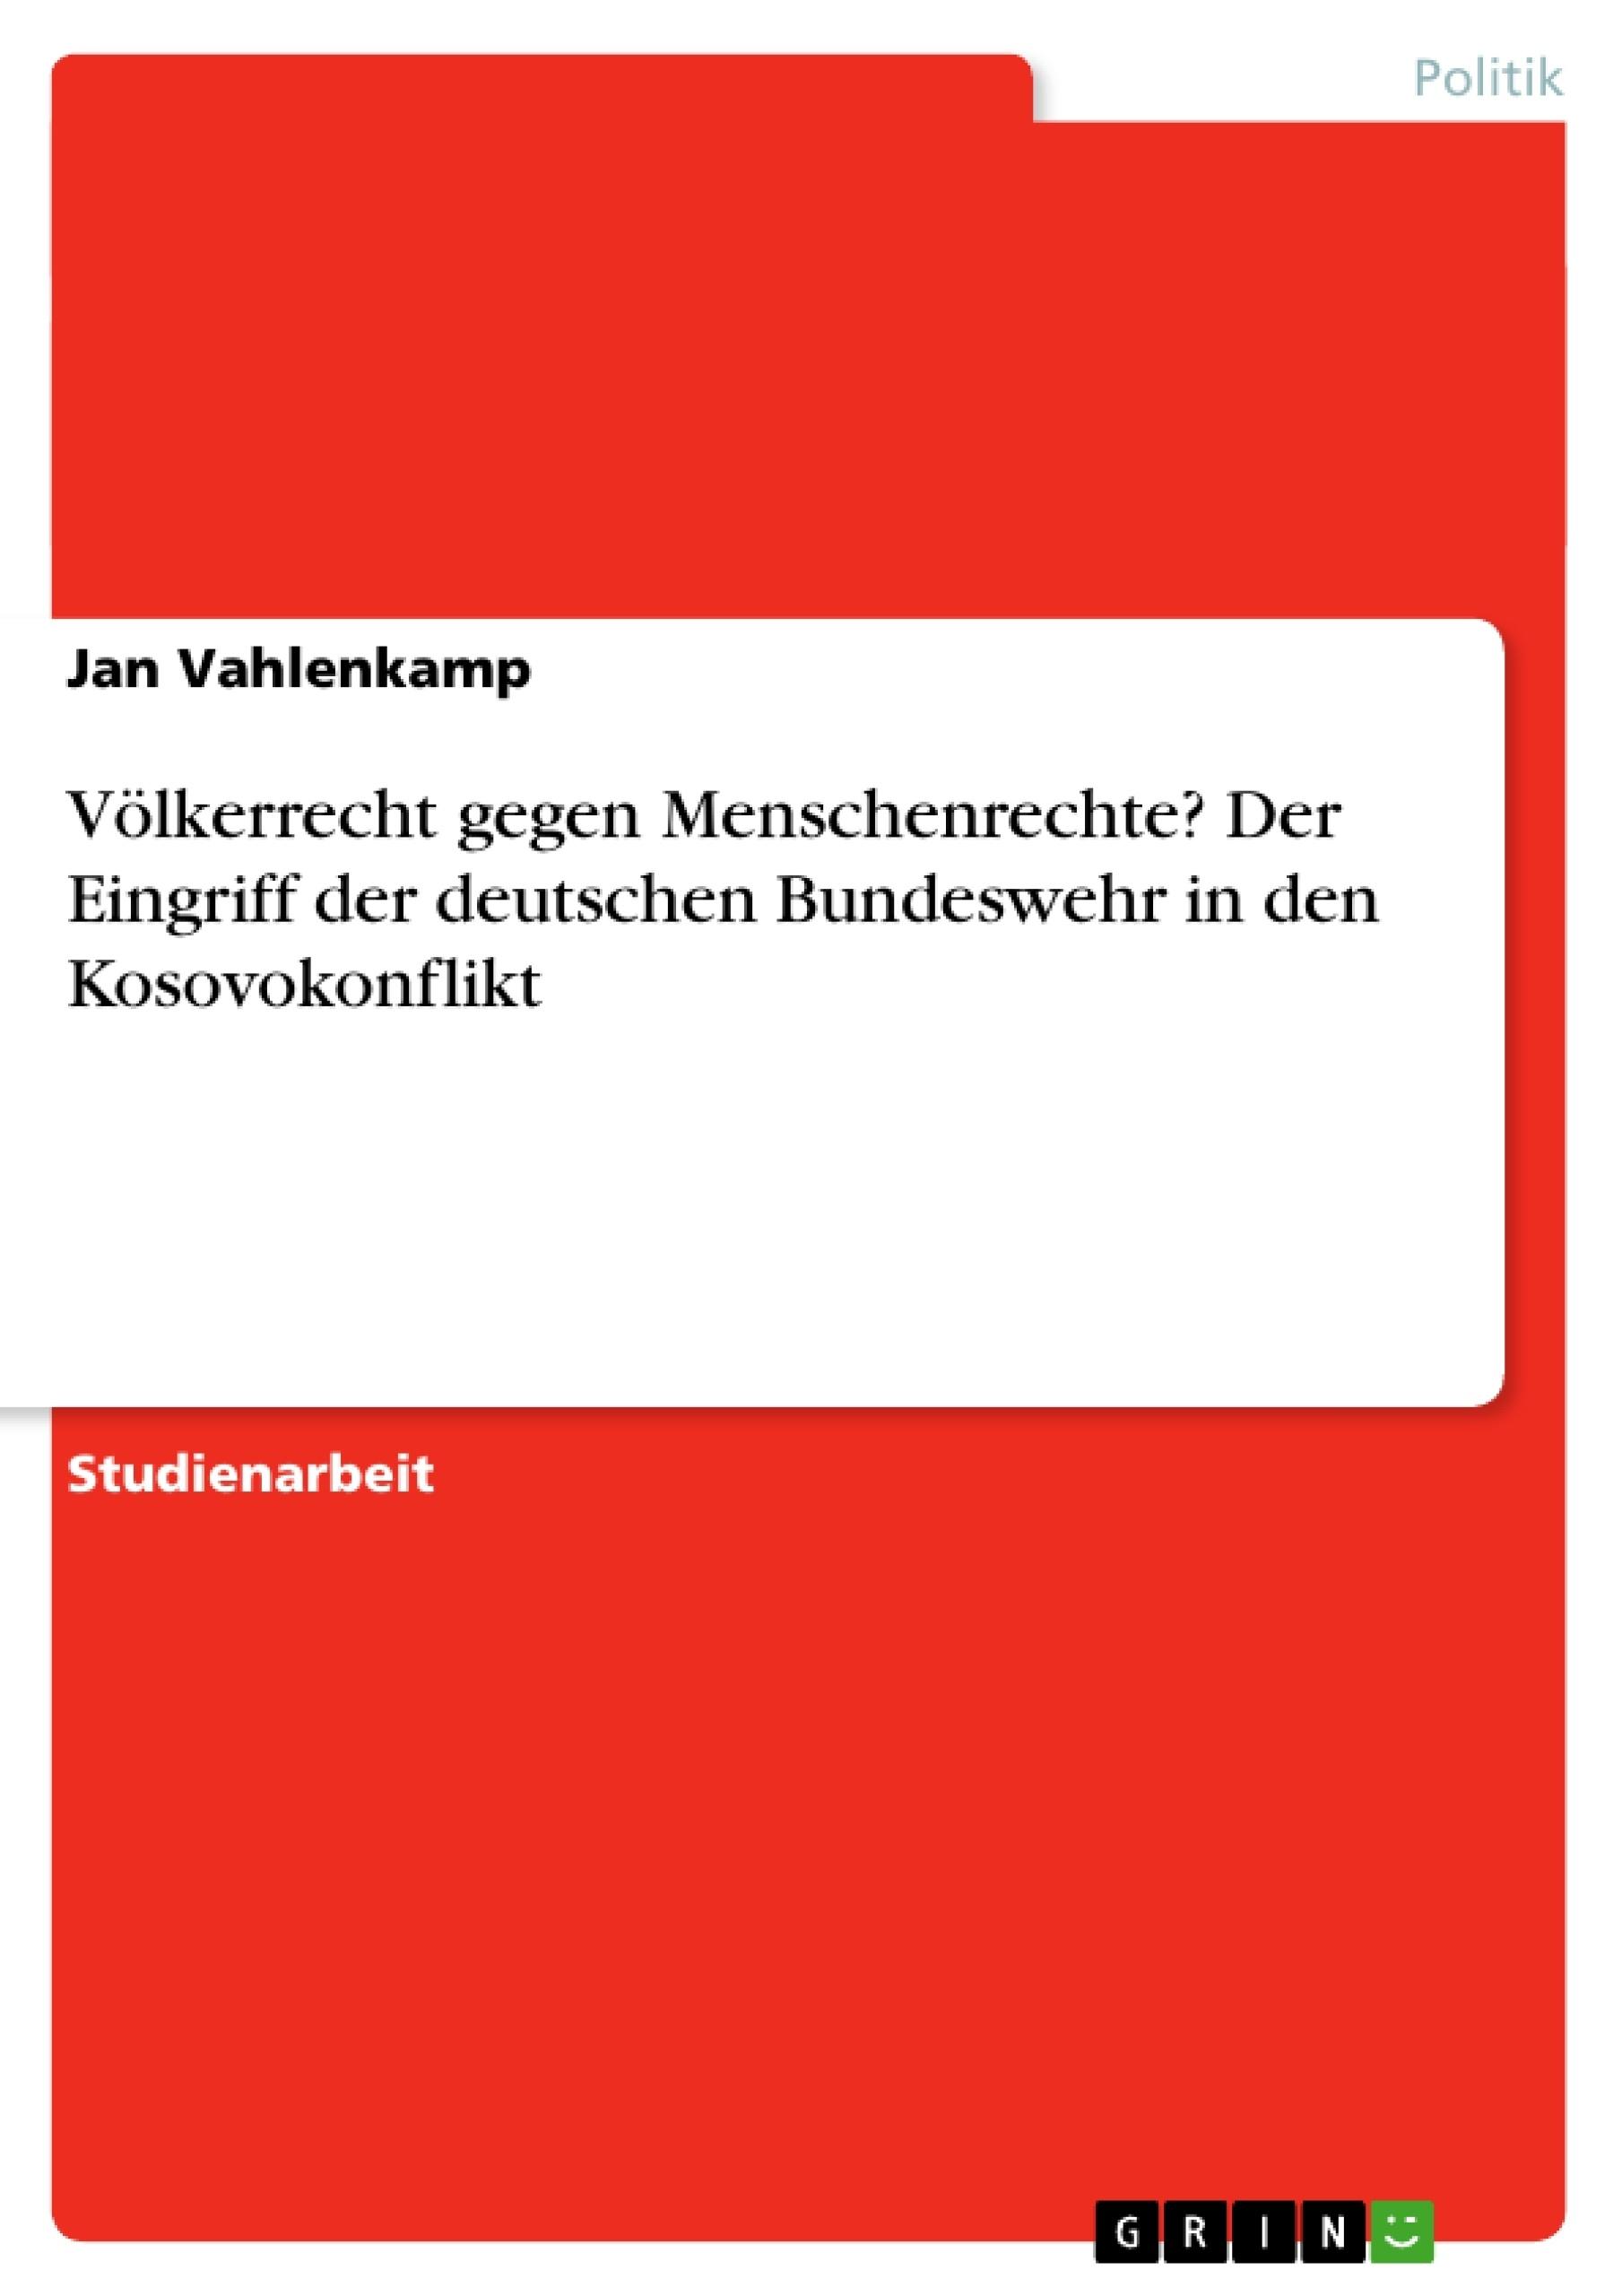 Titel: Völkerrecht gegen Menschenrechte? Der Eingriff der deutschen Bundeswehr in den Kosovokonflikt